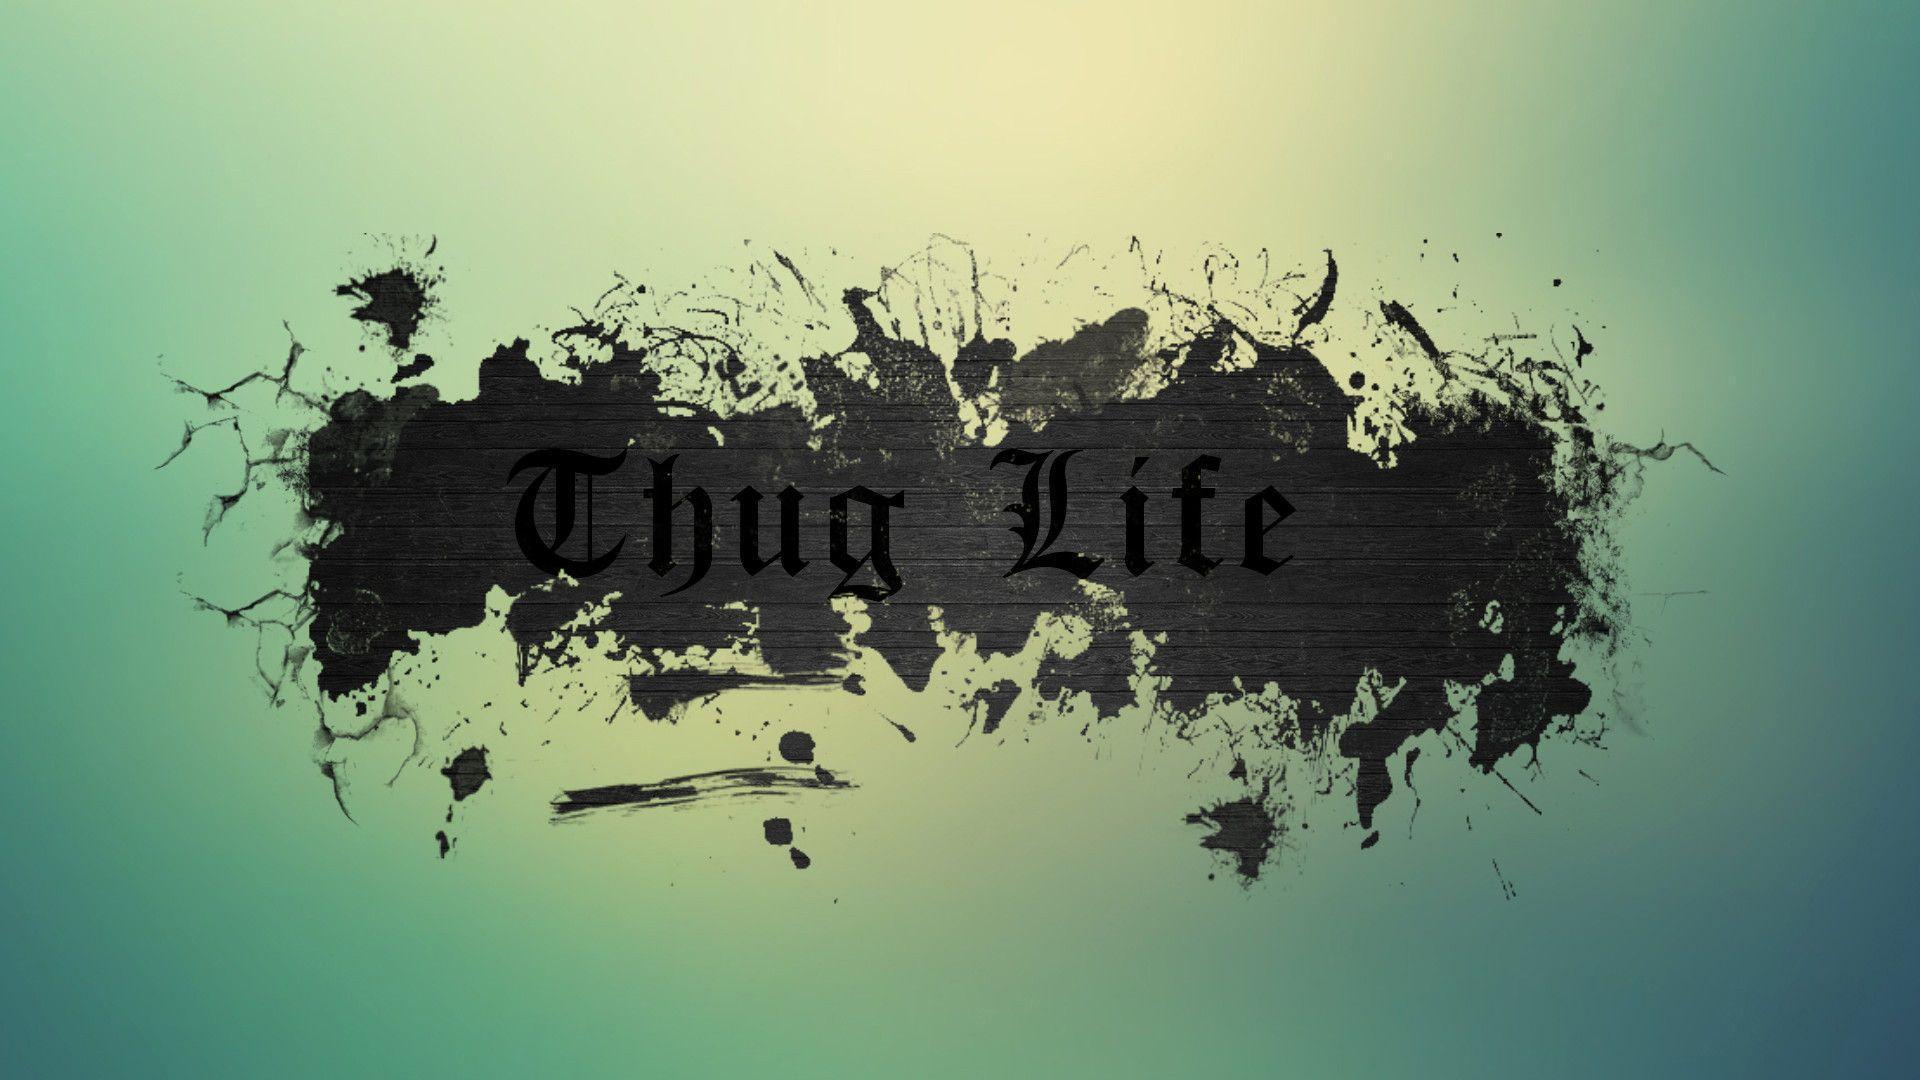 Thug Life Wallpapers 1920x1080